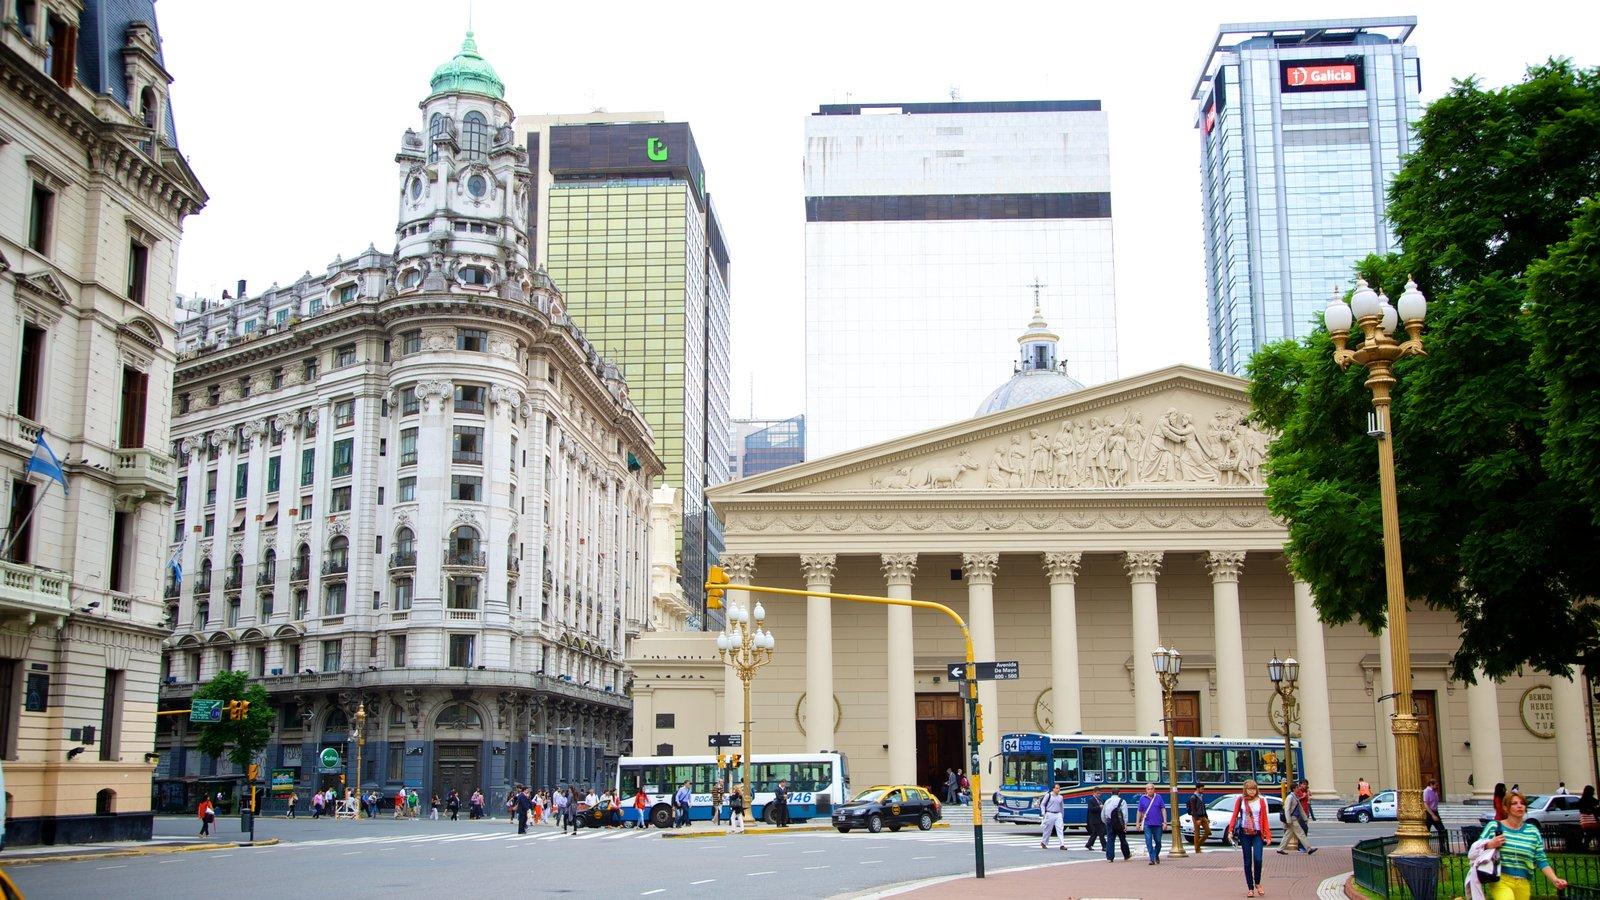 Catedral Metropolitana de Buenos Aires mostrando cenas de rua, arquitetura de patrimônio e uma cidade